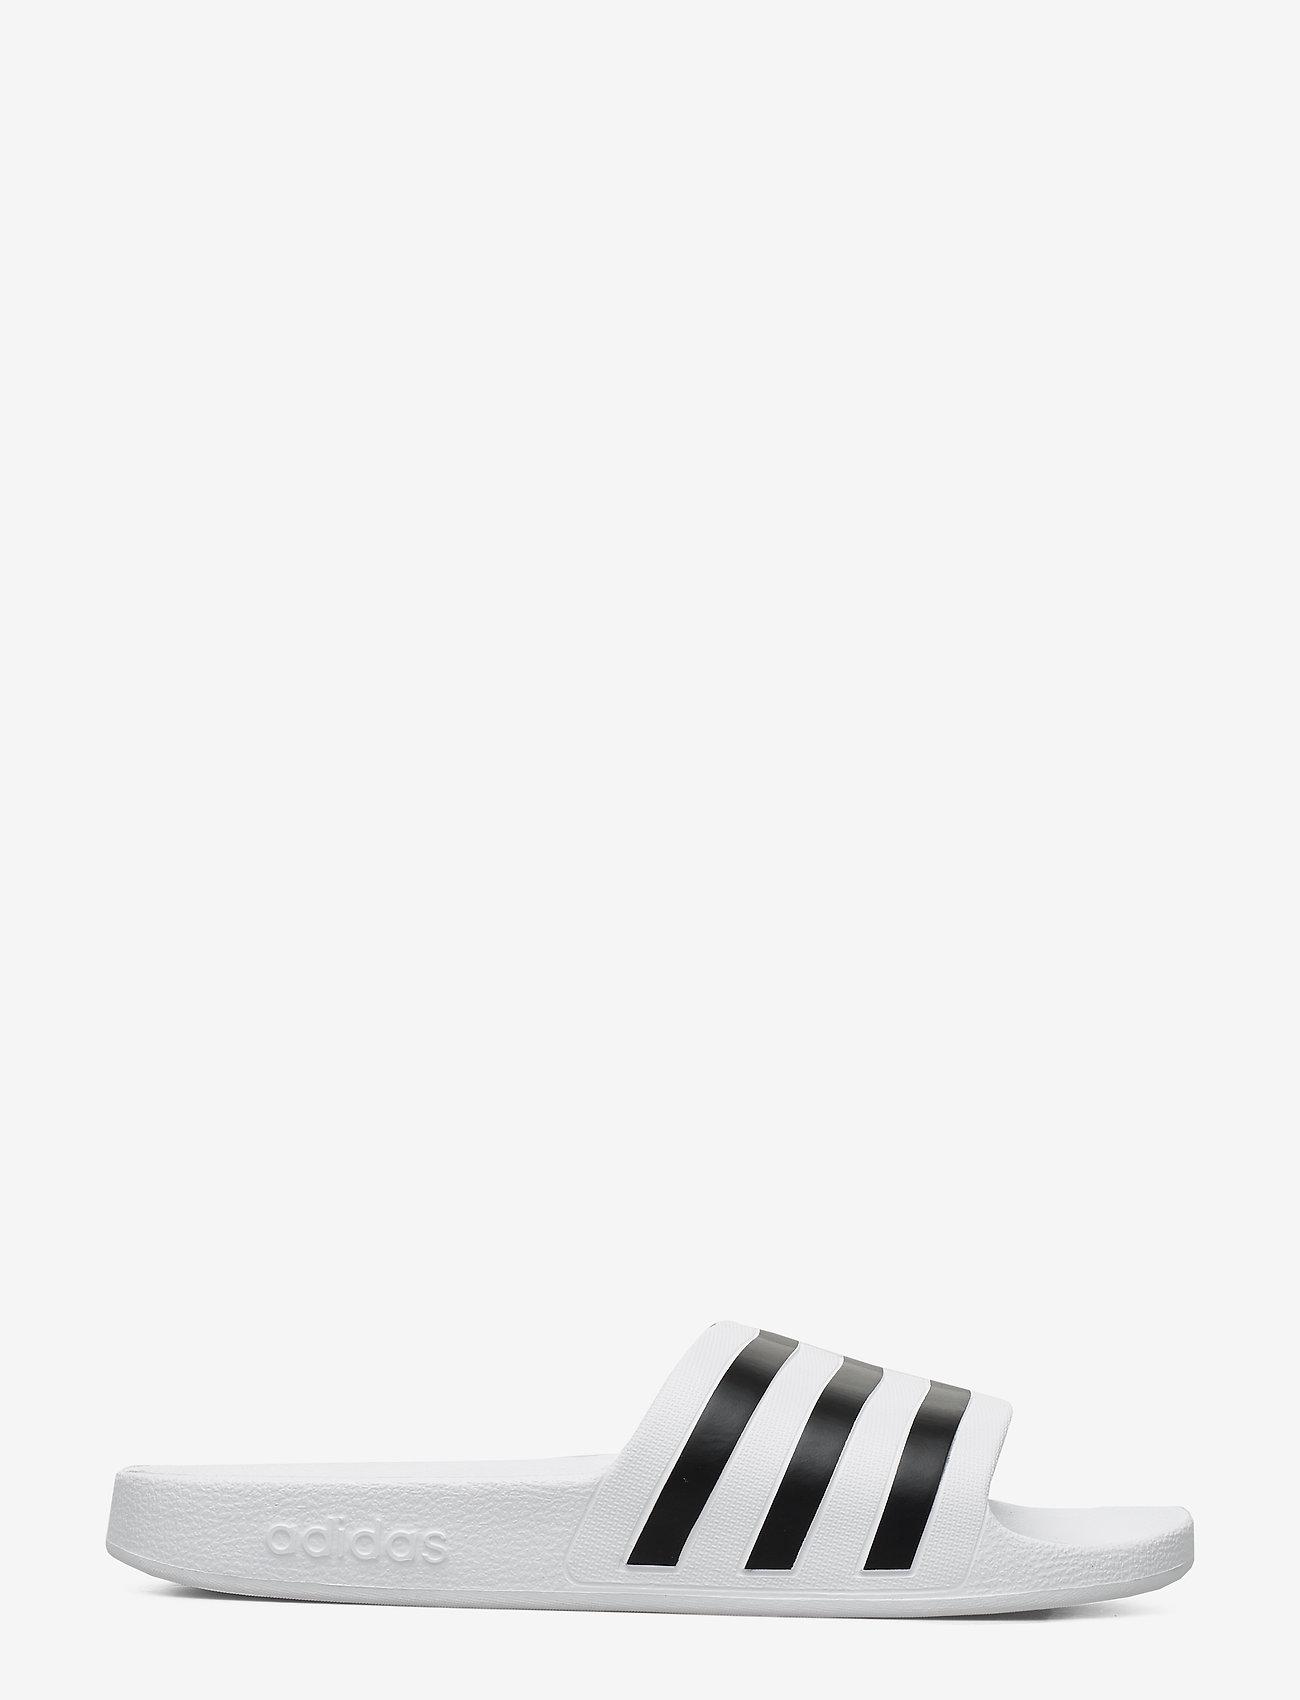 adidas Performance - ADILETTE AQUA - pool sliders - ftwwht/cblack/ftwwht - 1